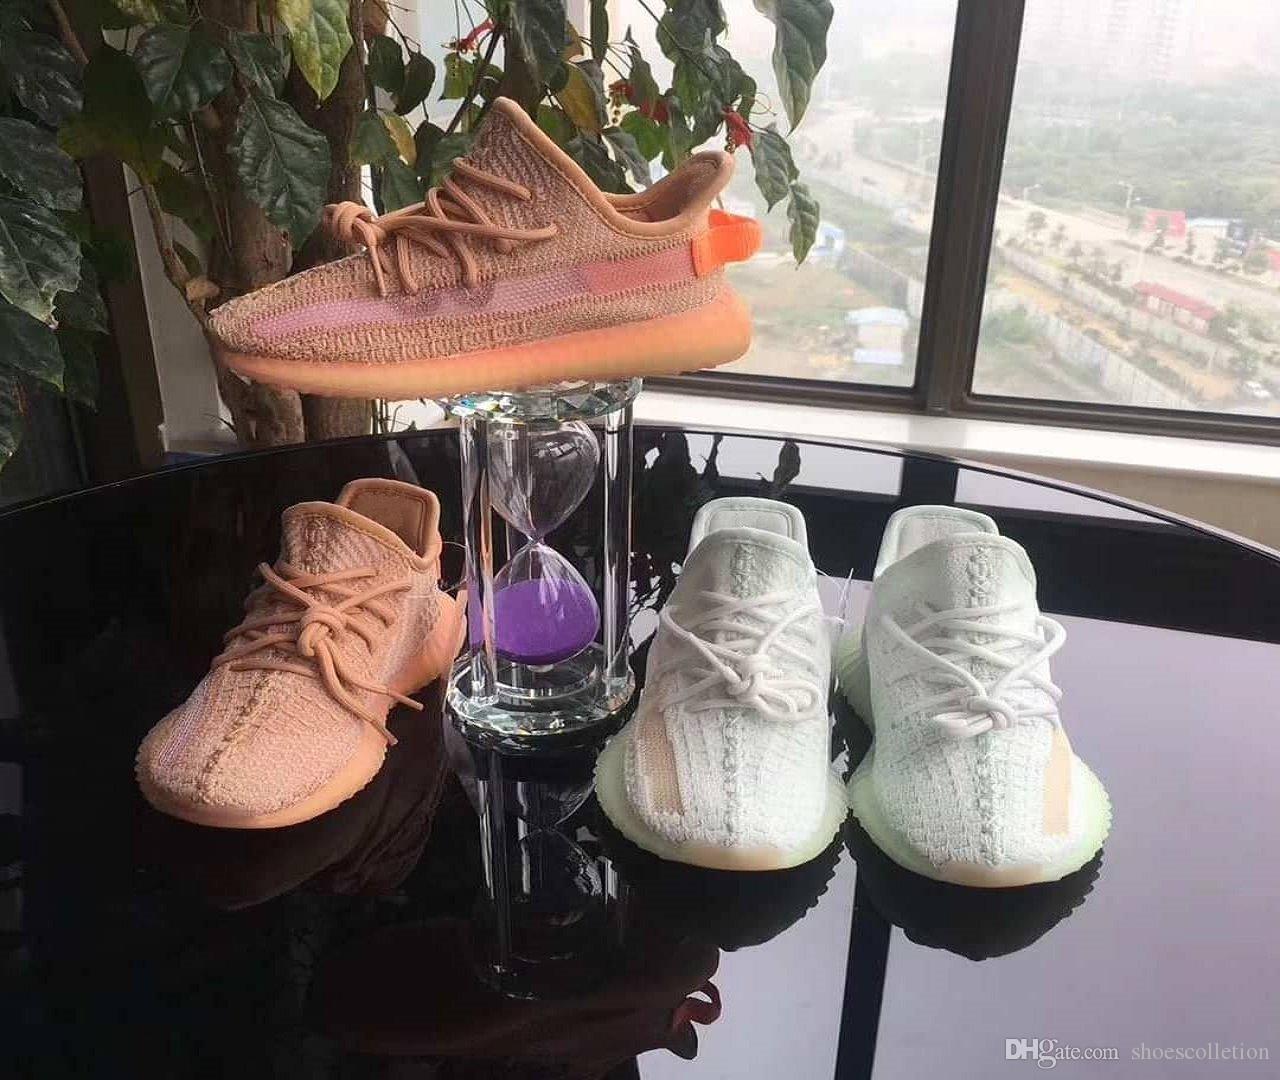 كاني ويست V2 الأسود ثابت اطفال اطفال الاحذية صحيح نموذج فرط الأحذية موجة عداء كلاي BELUGA الأبيض عاكس الرياضة صبي فتاة أحذية رياضية